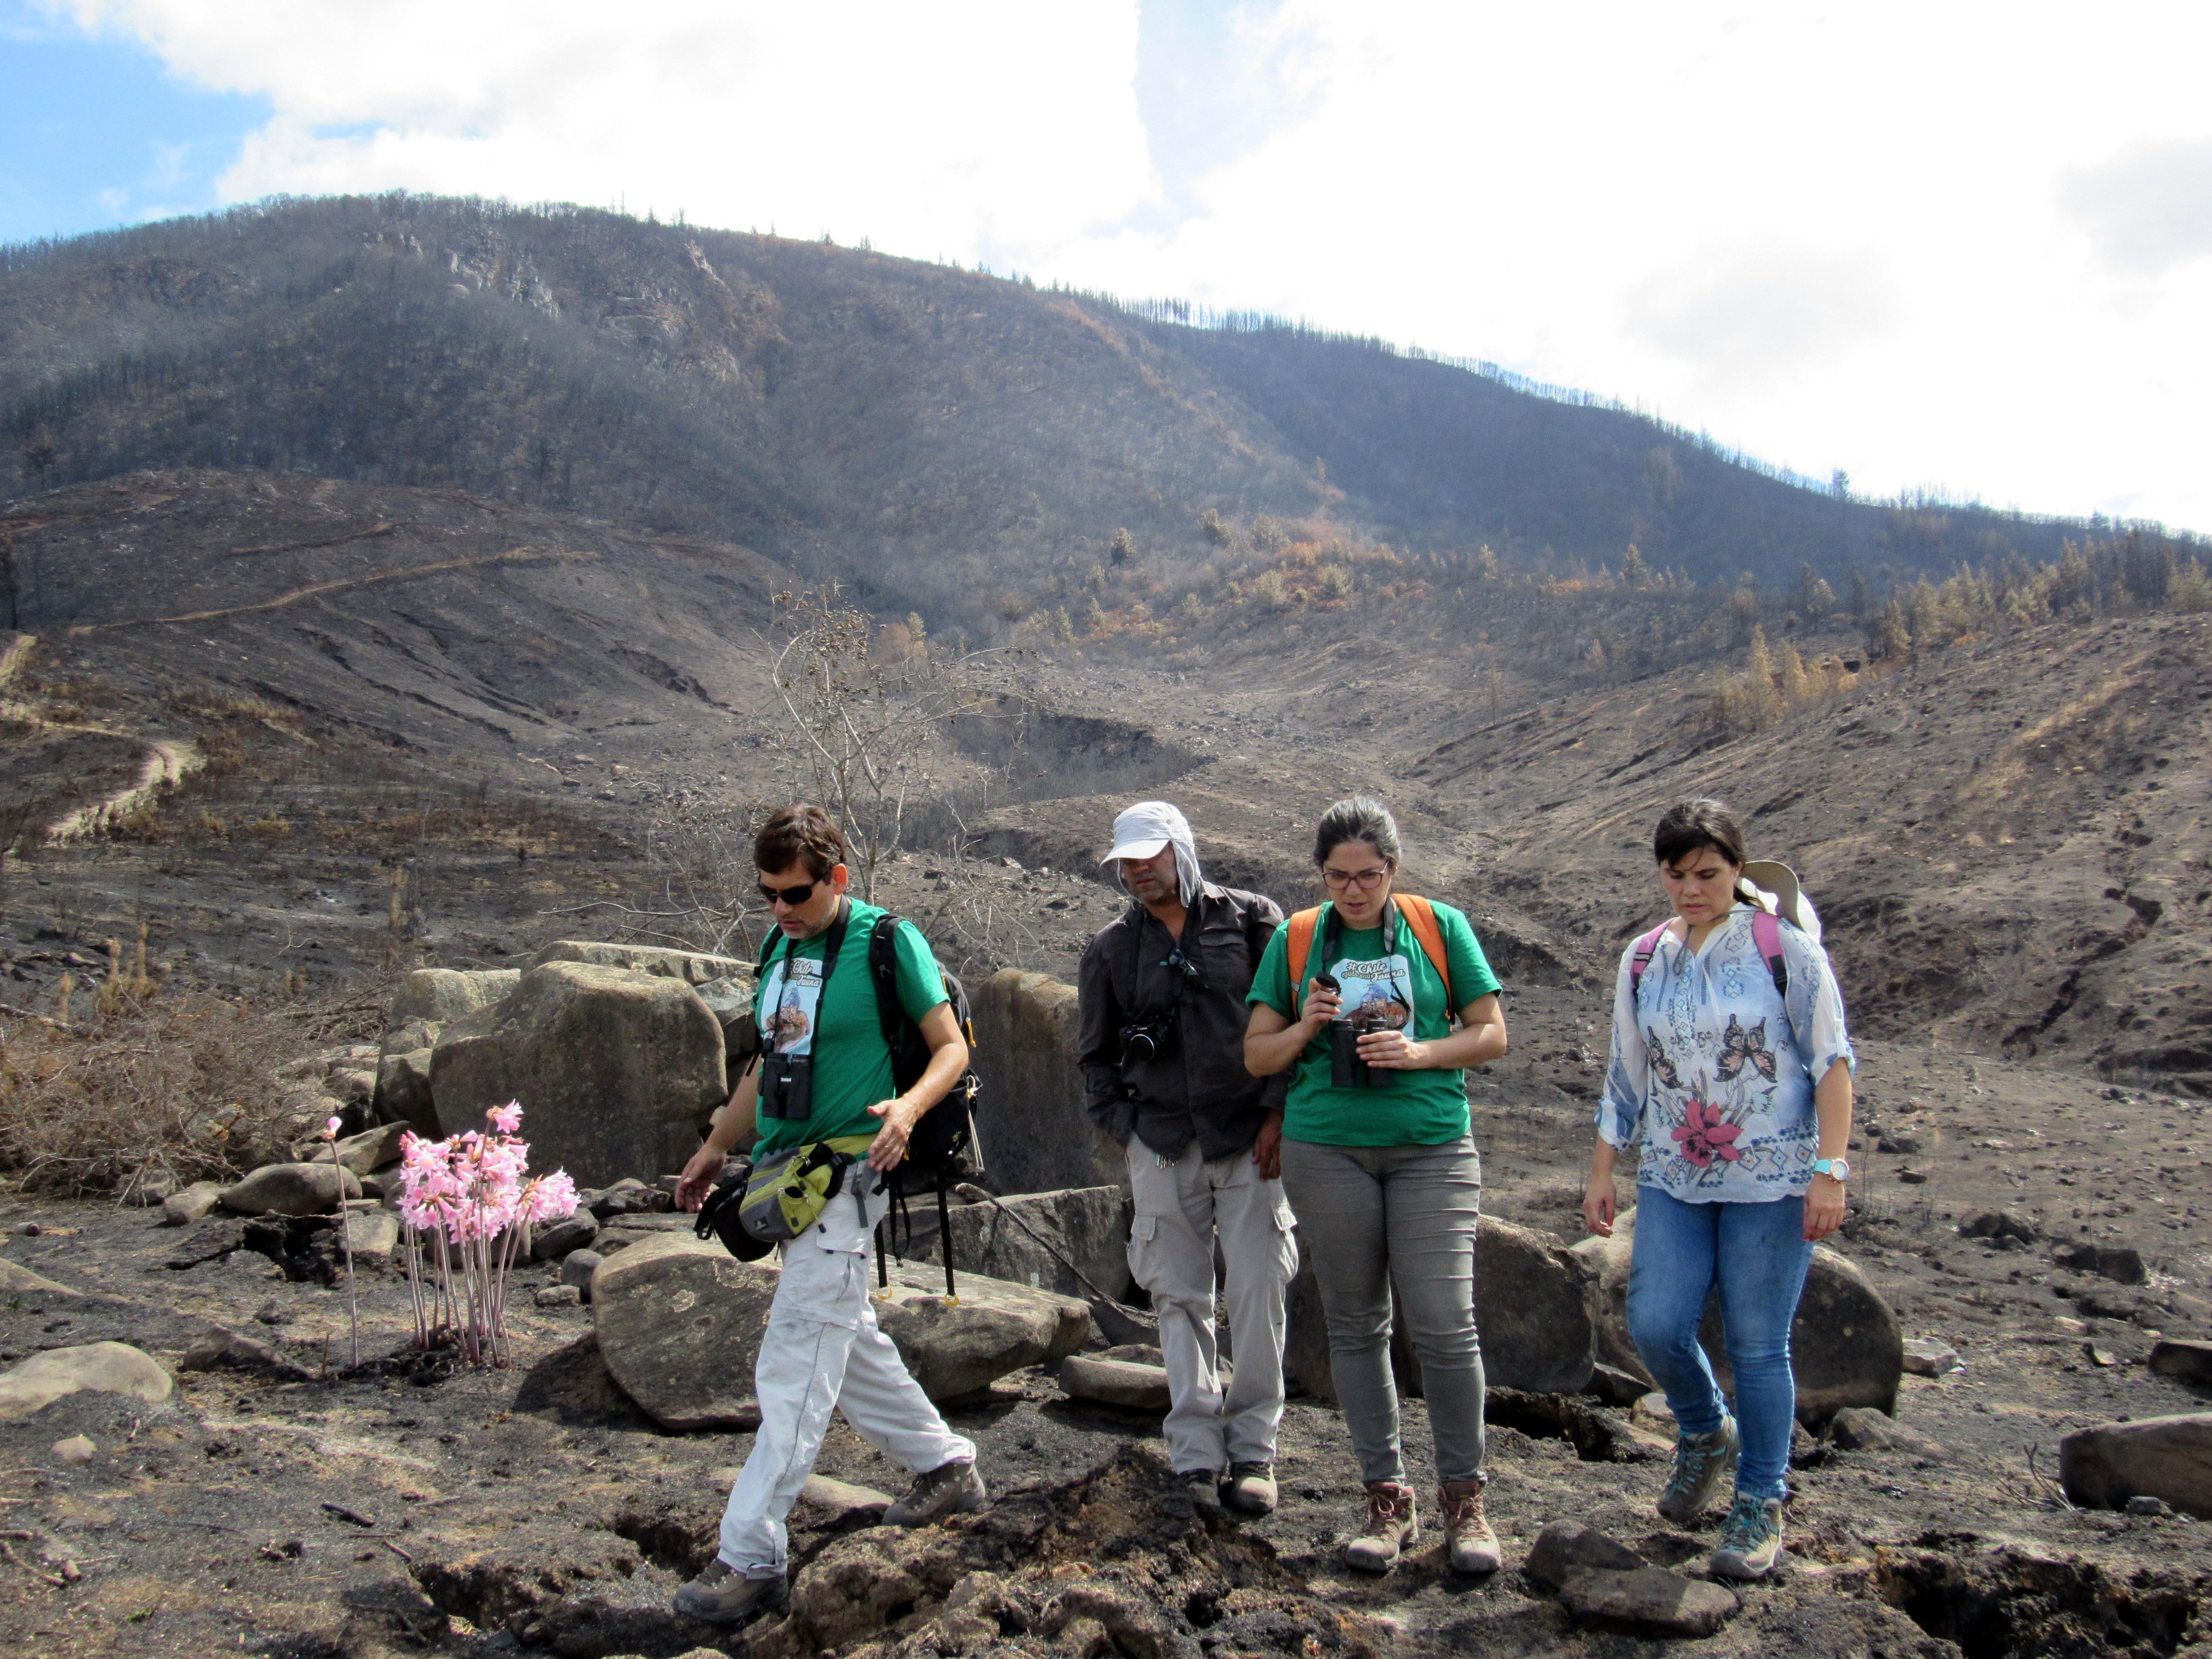 Seremi del Medio Ambiente evalúa degradación al patrimonio natural en Cerro Name por incendio forestal en Cauquenes